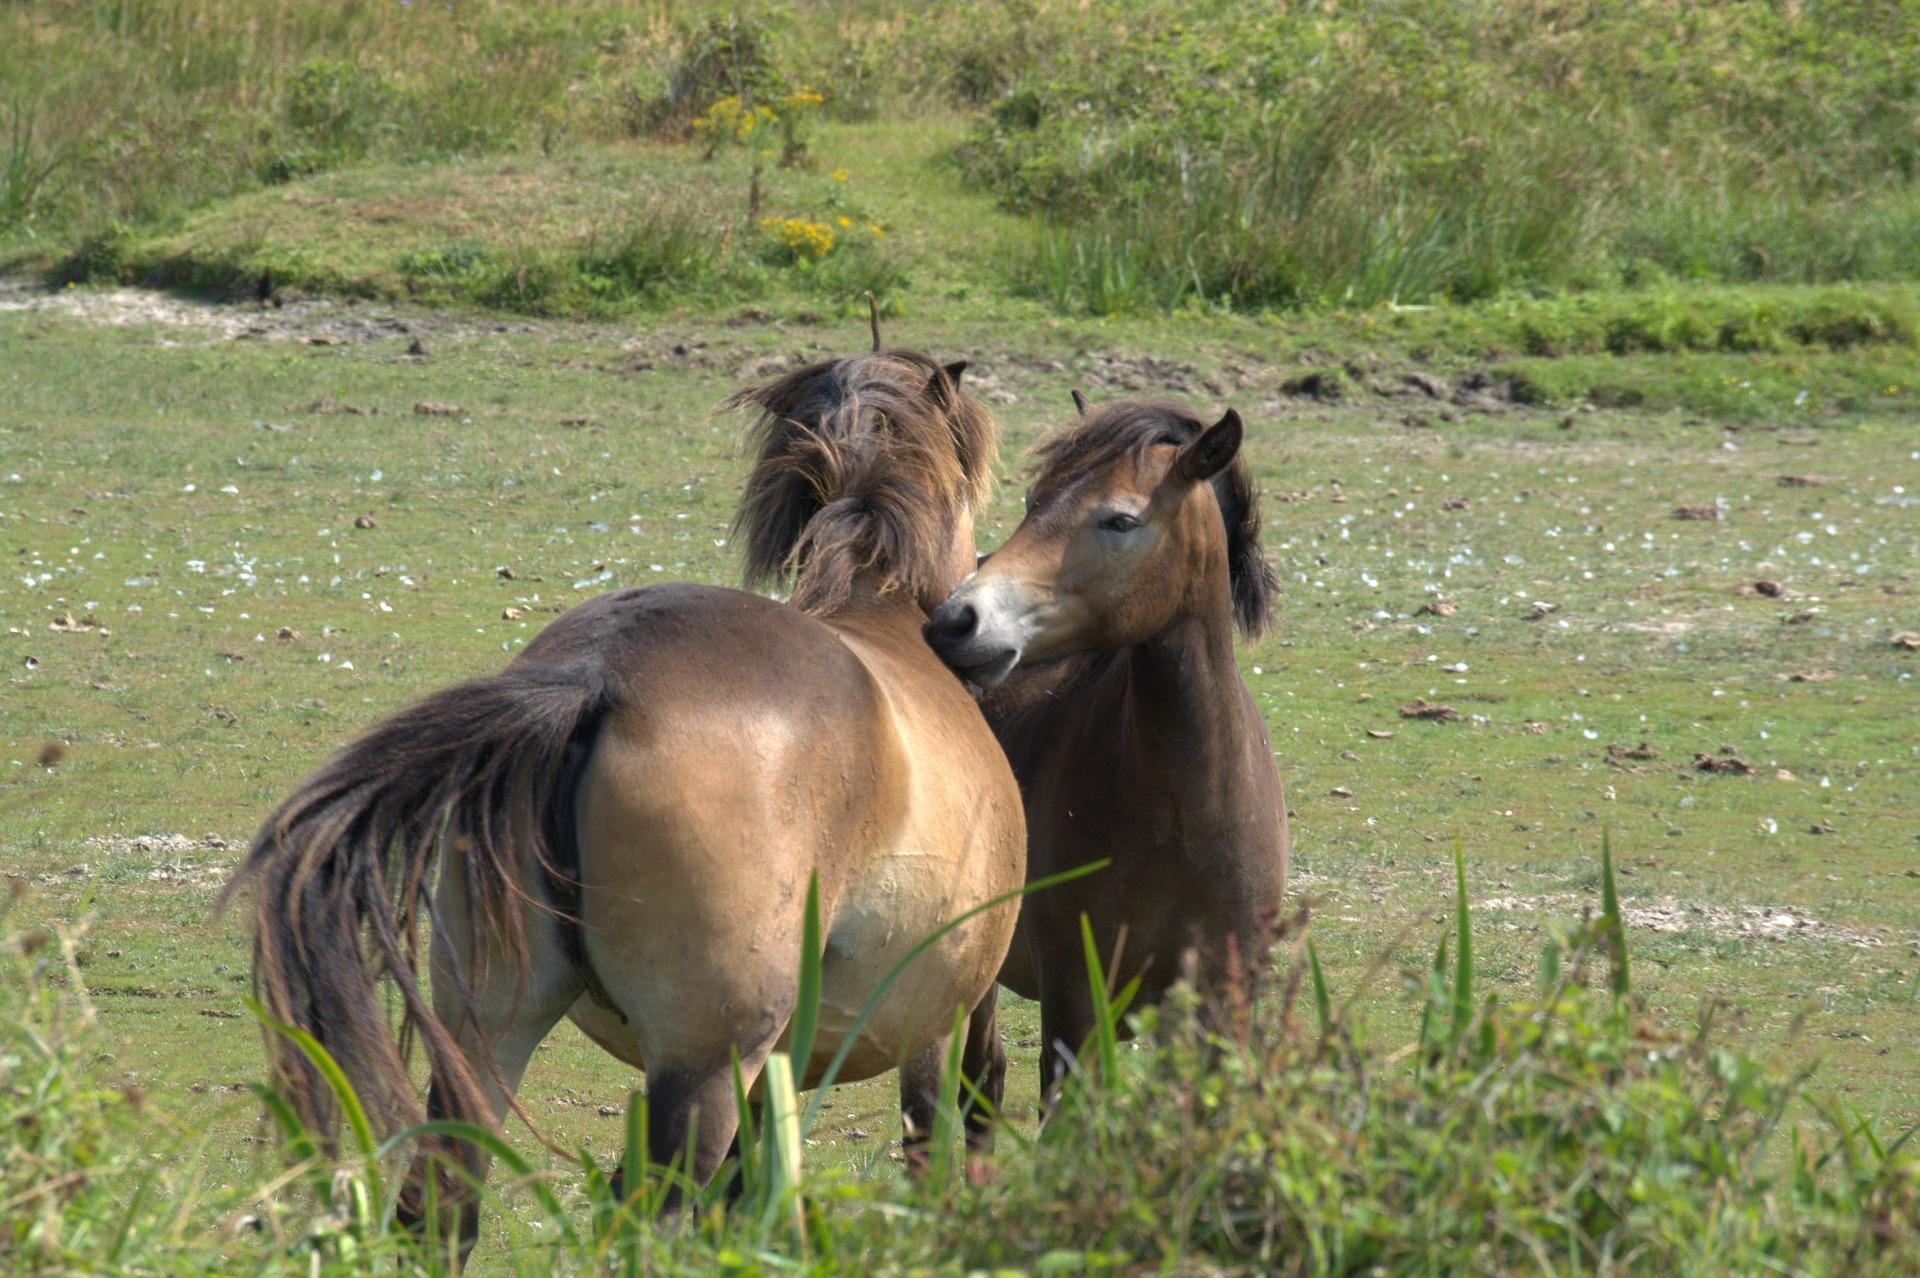 wild-horses-3555090_1920